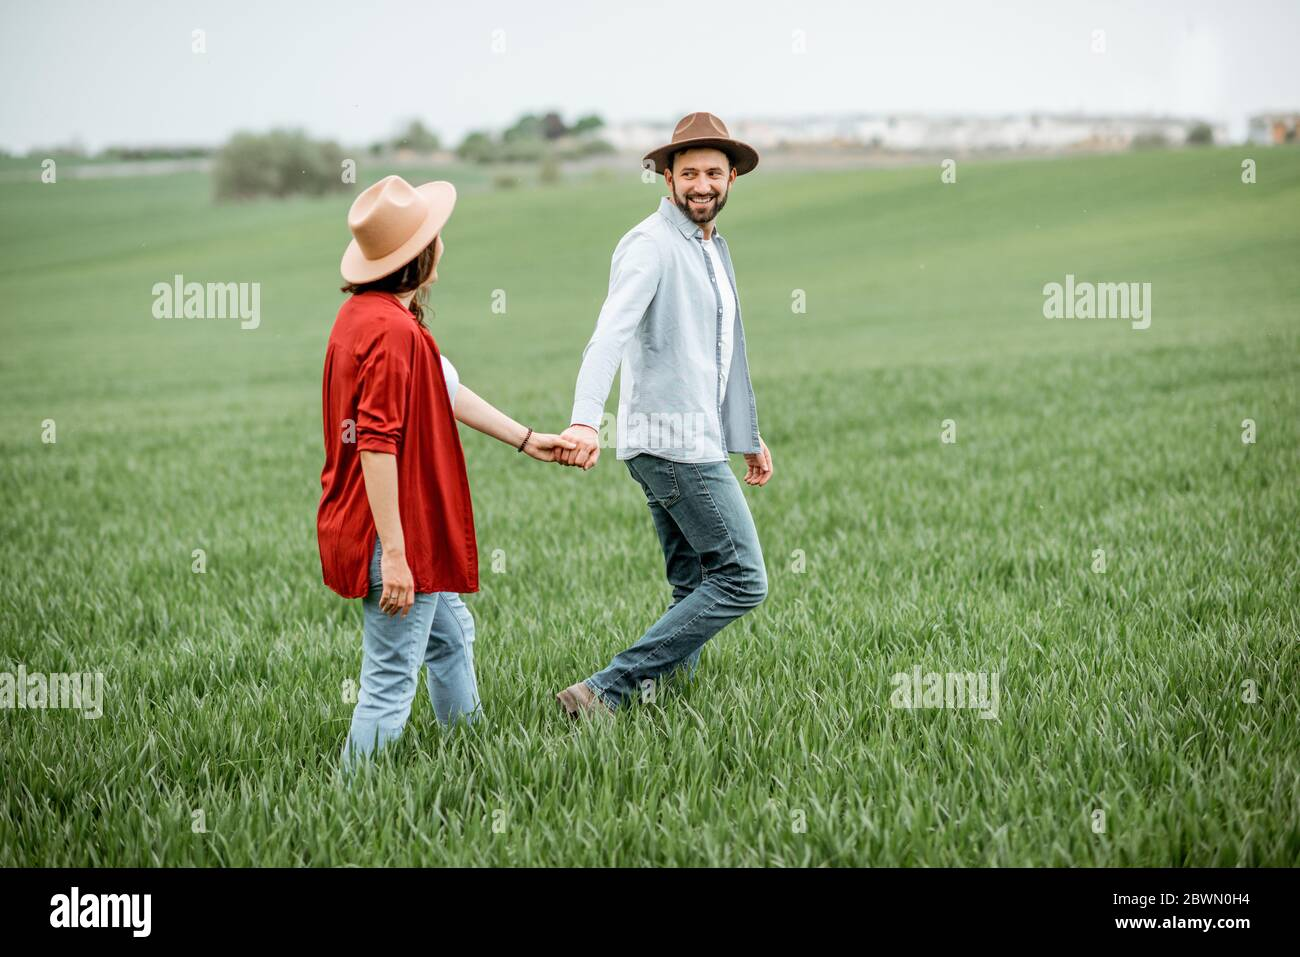 Mujer embarazada con su hombre divirtiéndose juntos, caminando por el campo verde. Feliz pareja esperando un bebé, joven concepto de familia Foto de stock